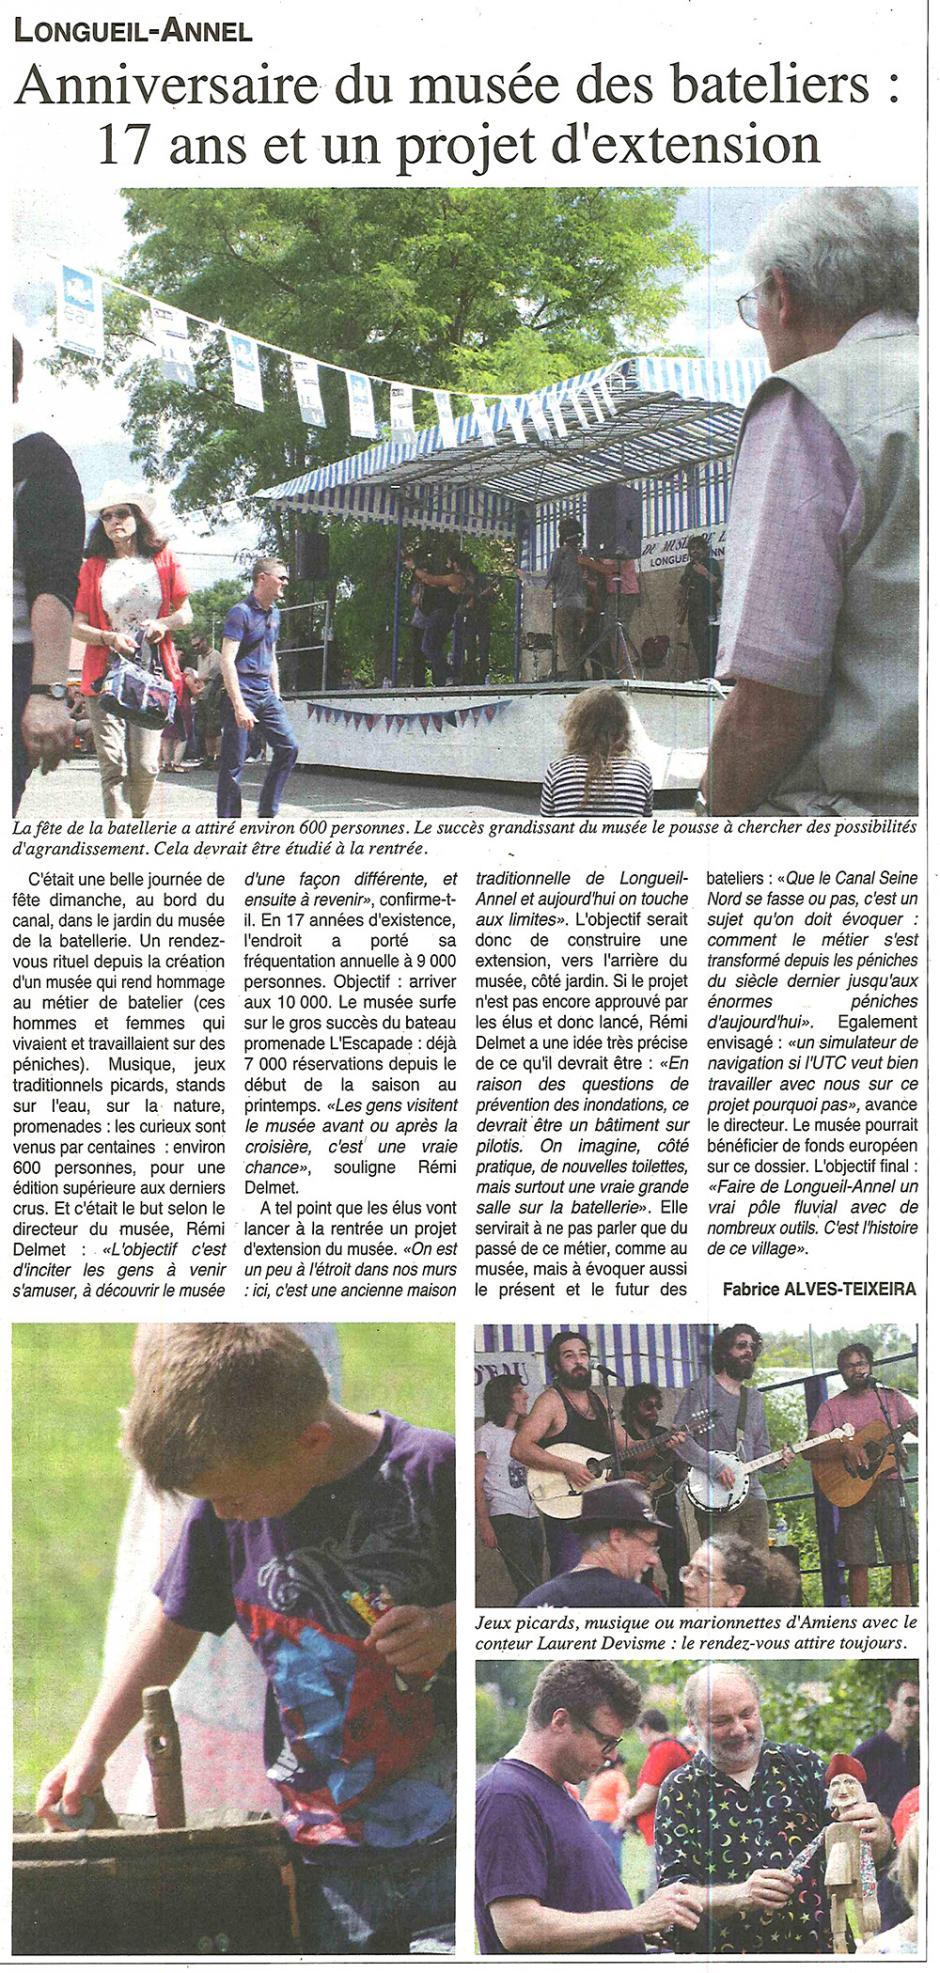 20170719-OH-Longueil-Annel-Anniversaire du musée des bateliers : 17 ans et un projet d'extension